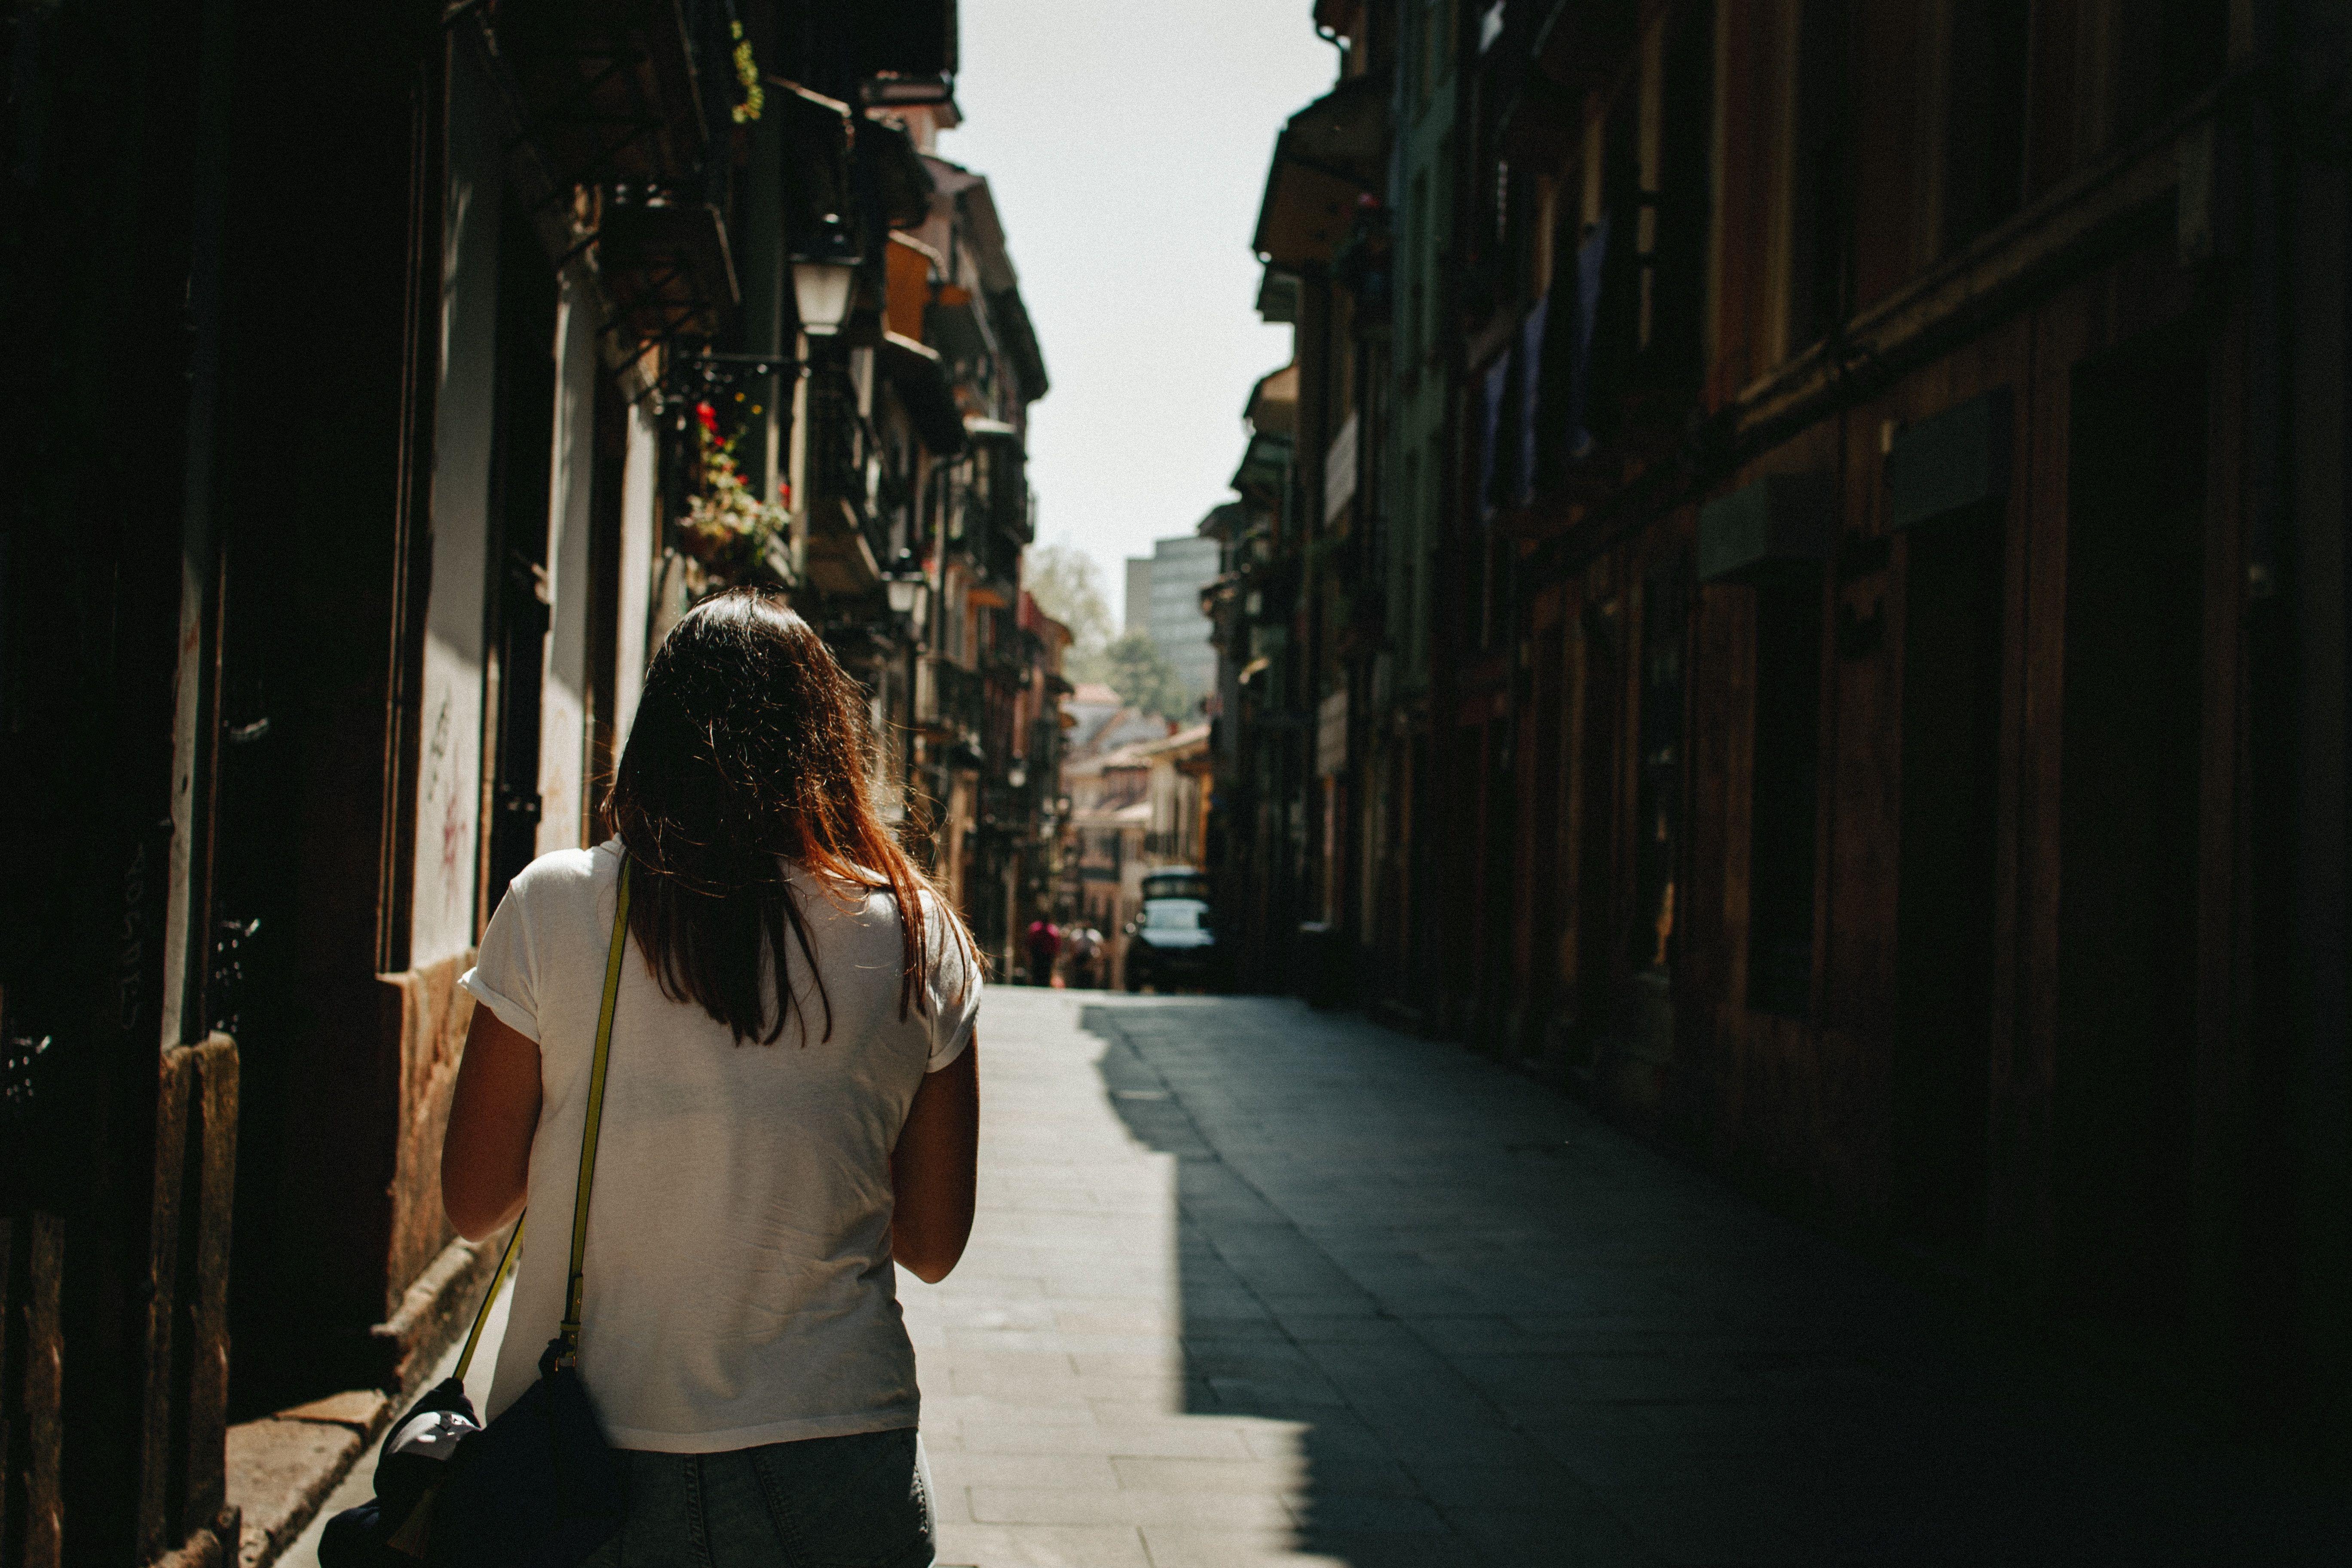 Chica pasea con su portabilidad a Telecable